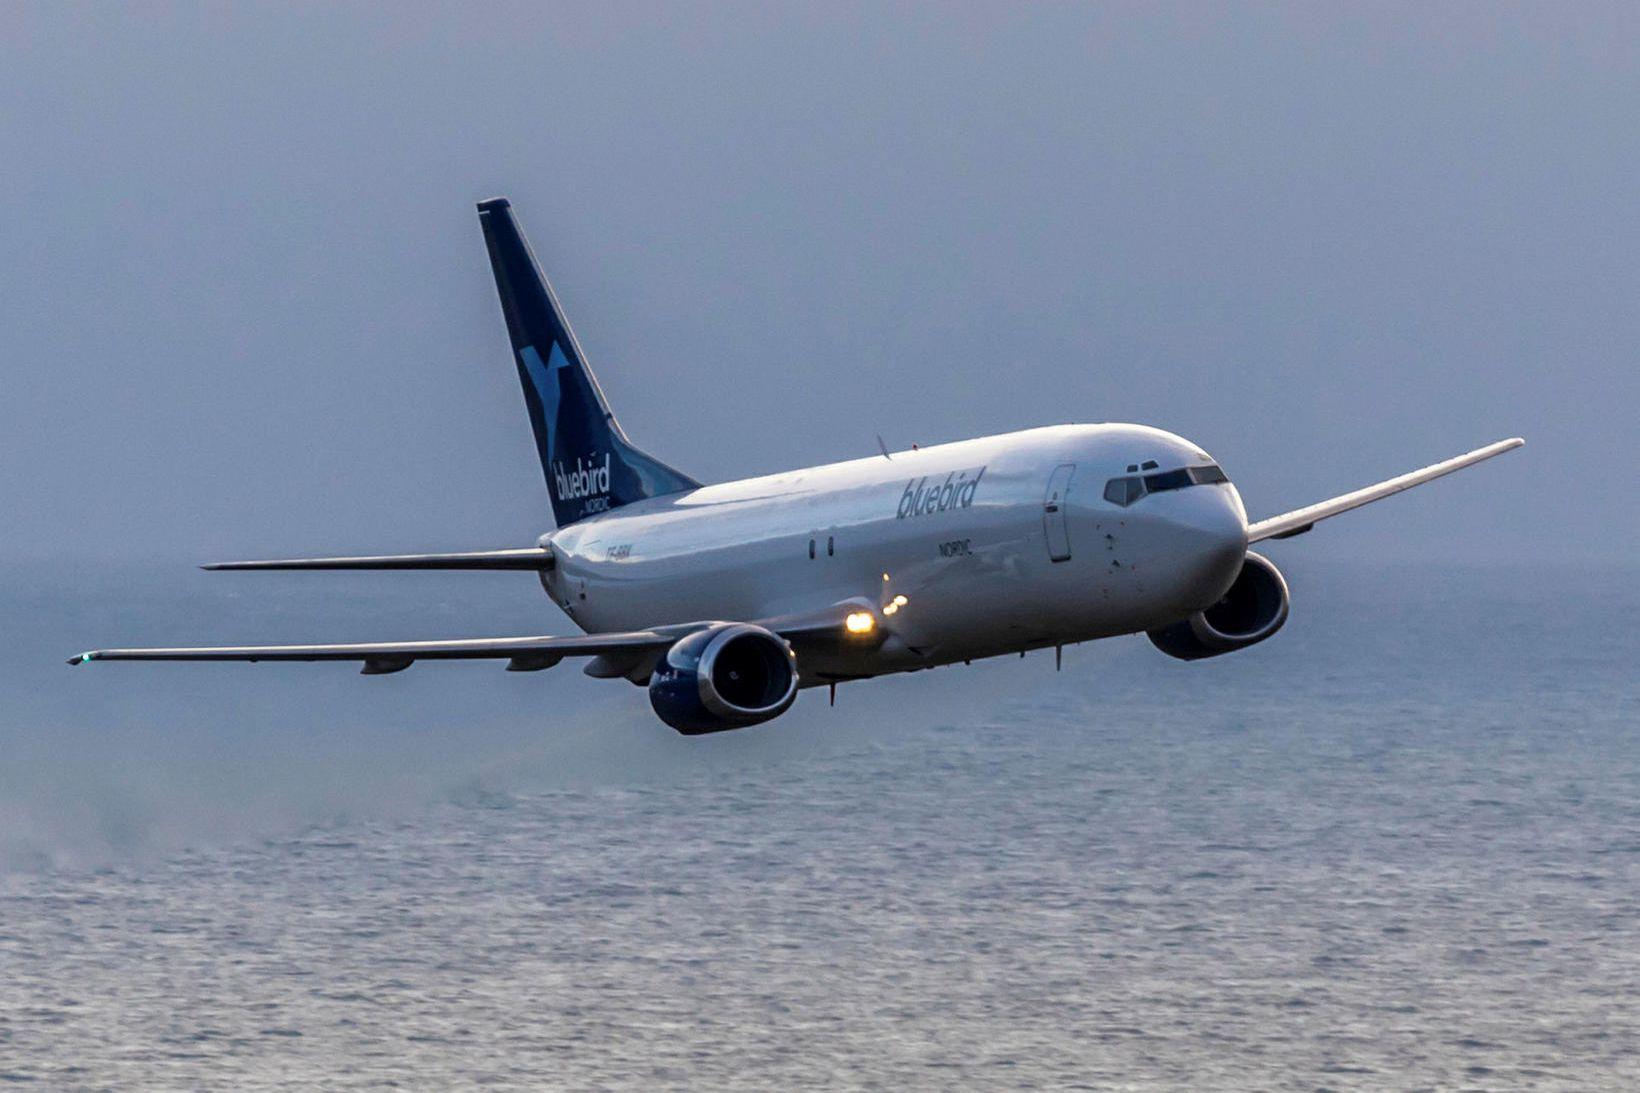 Bláfugl gæti fyllt skarð Icelandair verði síðarnefnda félagið gjaldþrota.